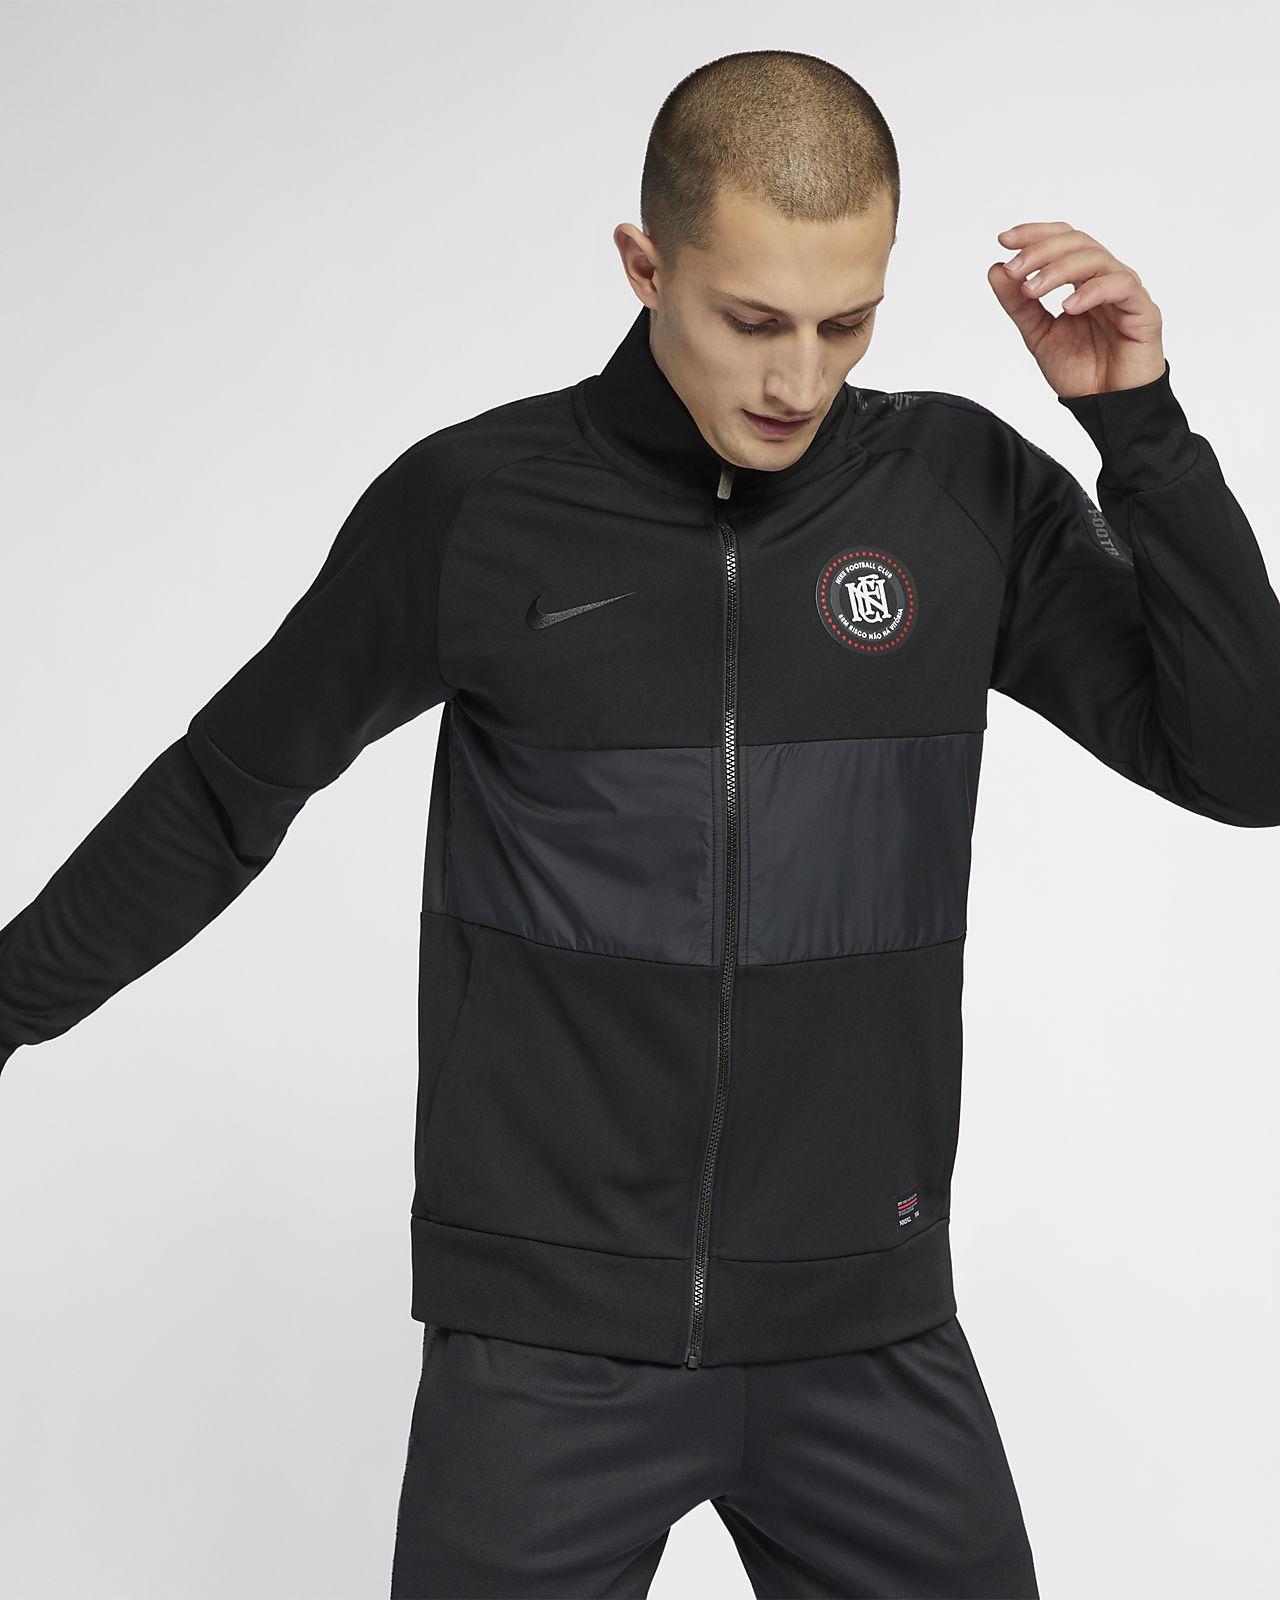 Pánská fotbalová tepláková bunda Nike F.C.